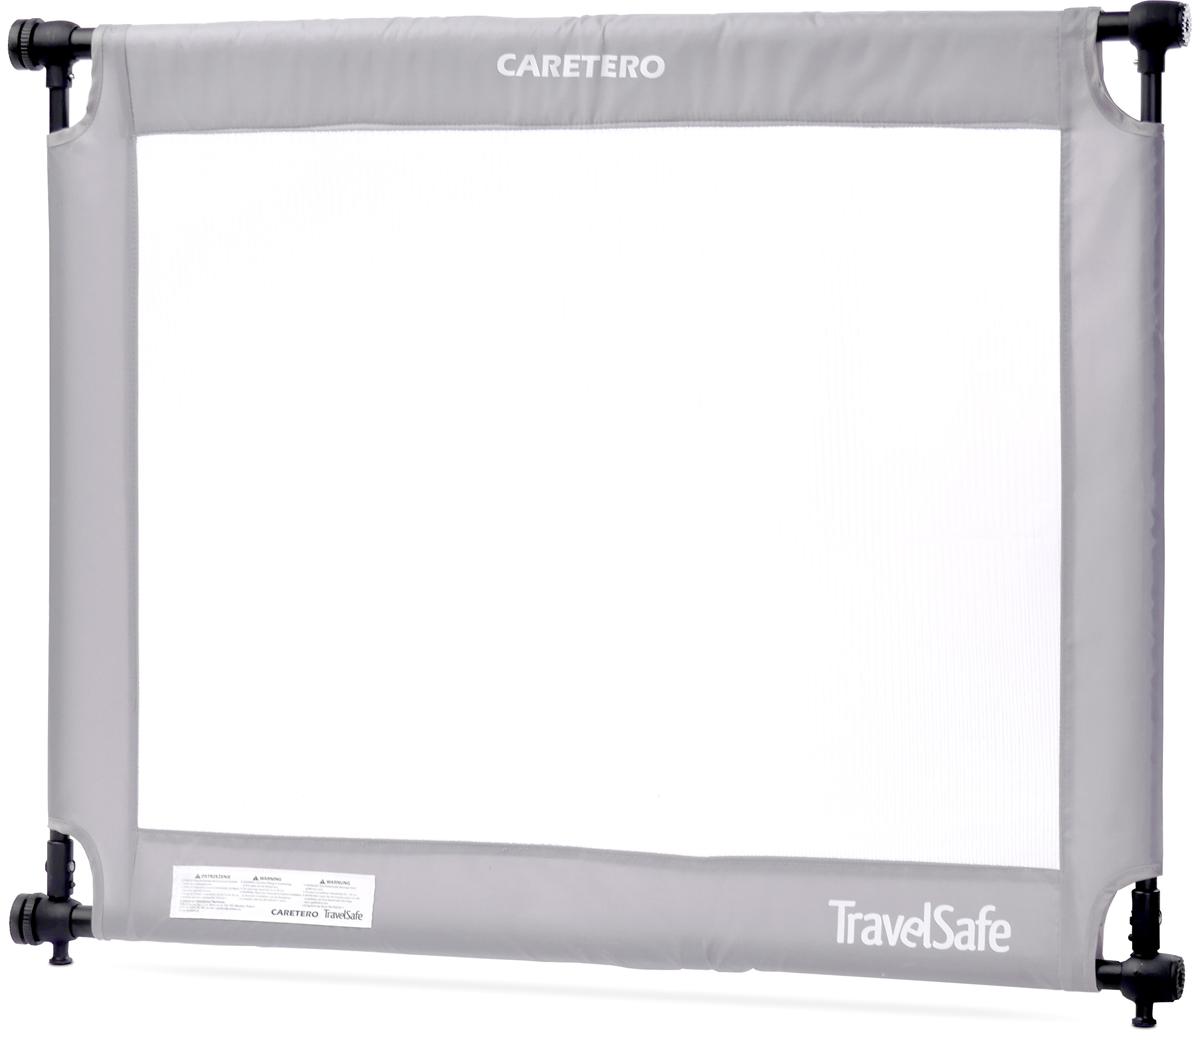 Caretero Барьер безопасности для кроватки Travelsafe цвет серый -  Блокирующие и защитные устройства